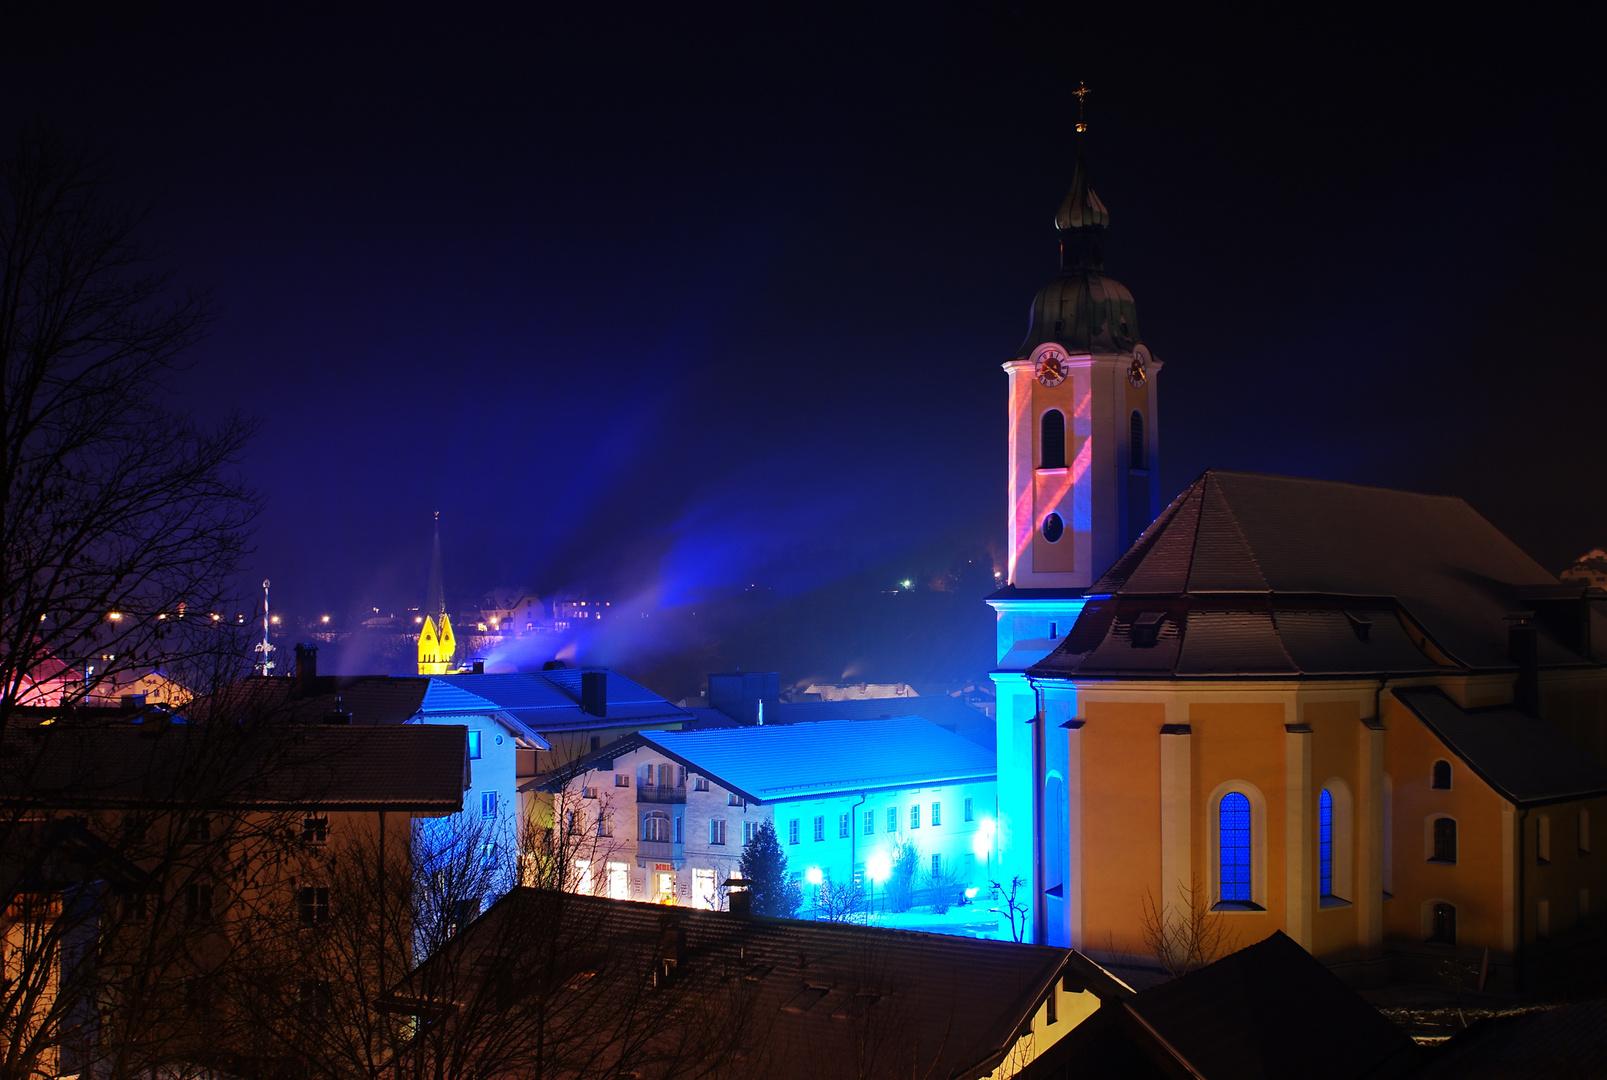 Lichterglanzfest in Miesbach